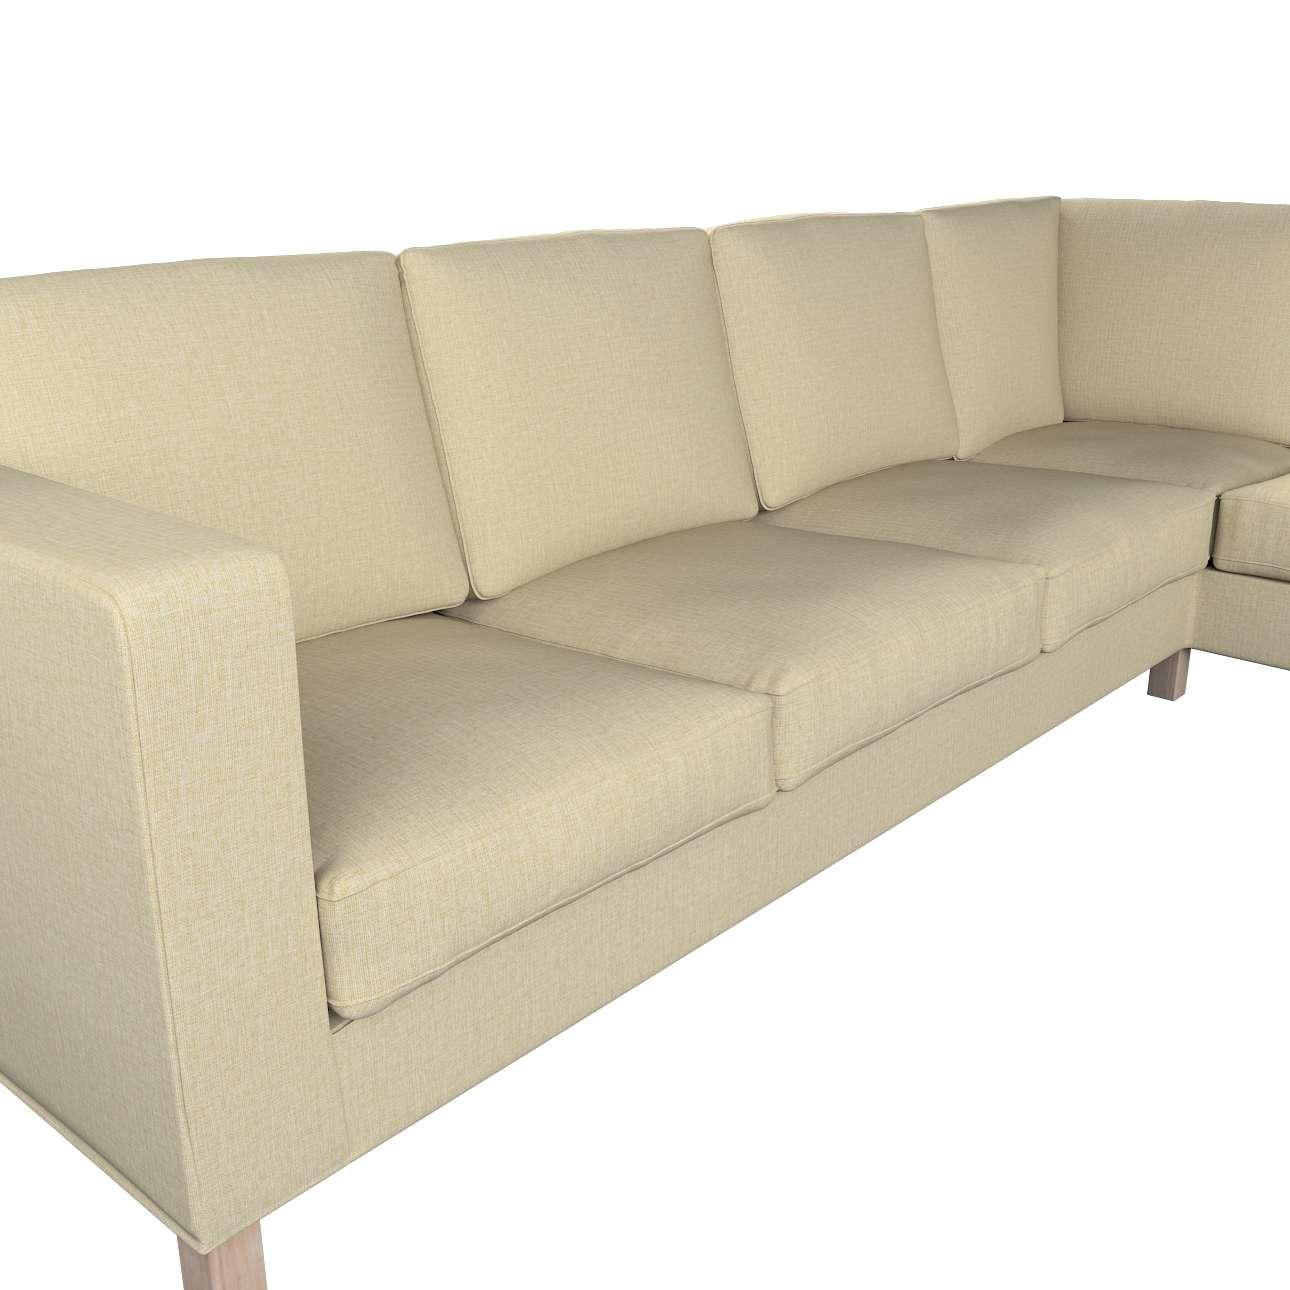 Pokrowiec na sofę narożną lewostronną Karlanda w kolekcji Living, tkanina: 161-45